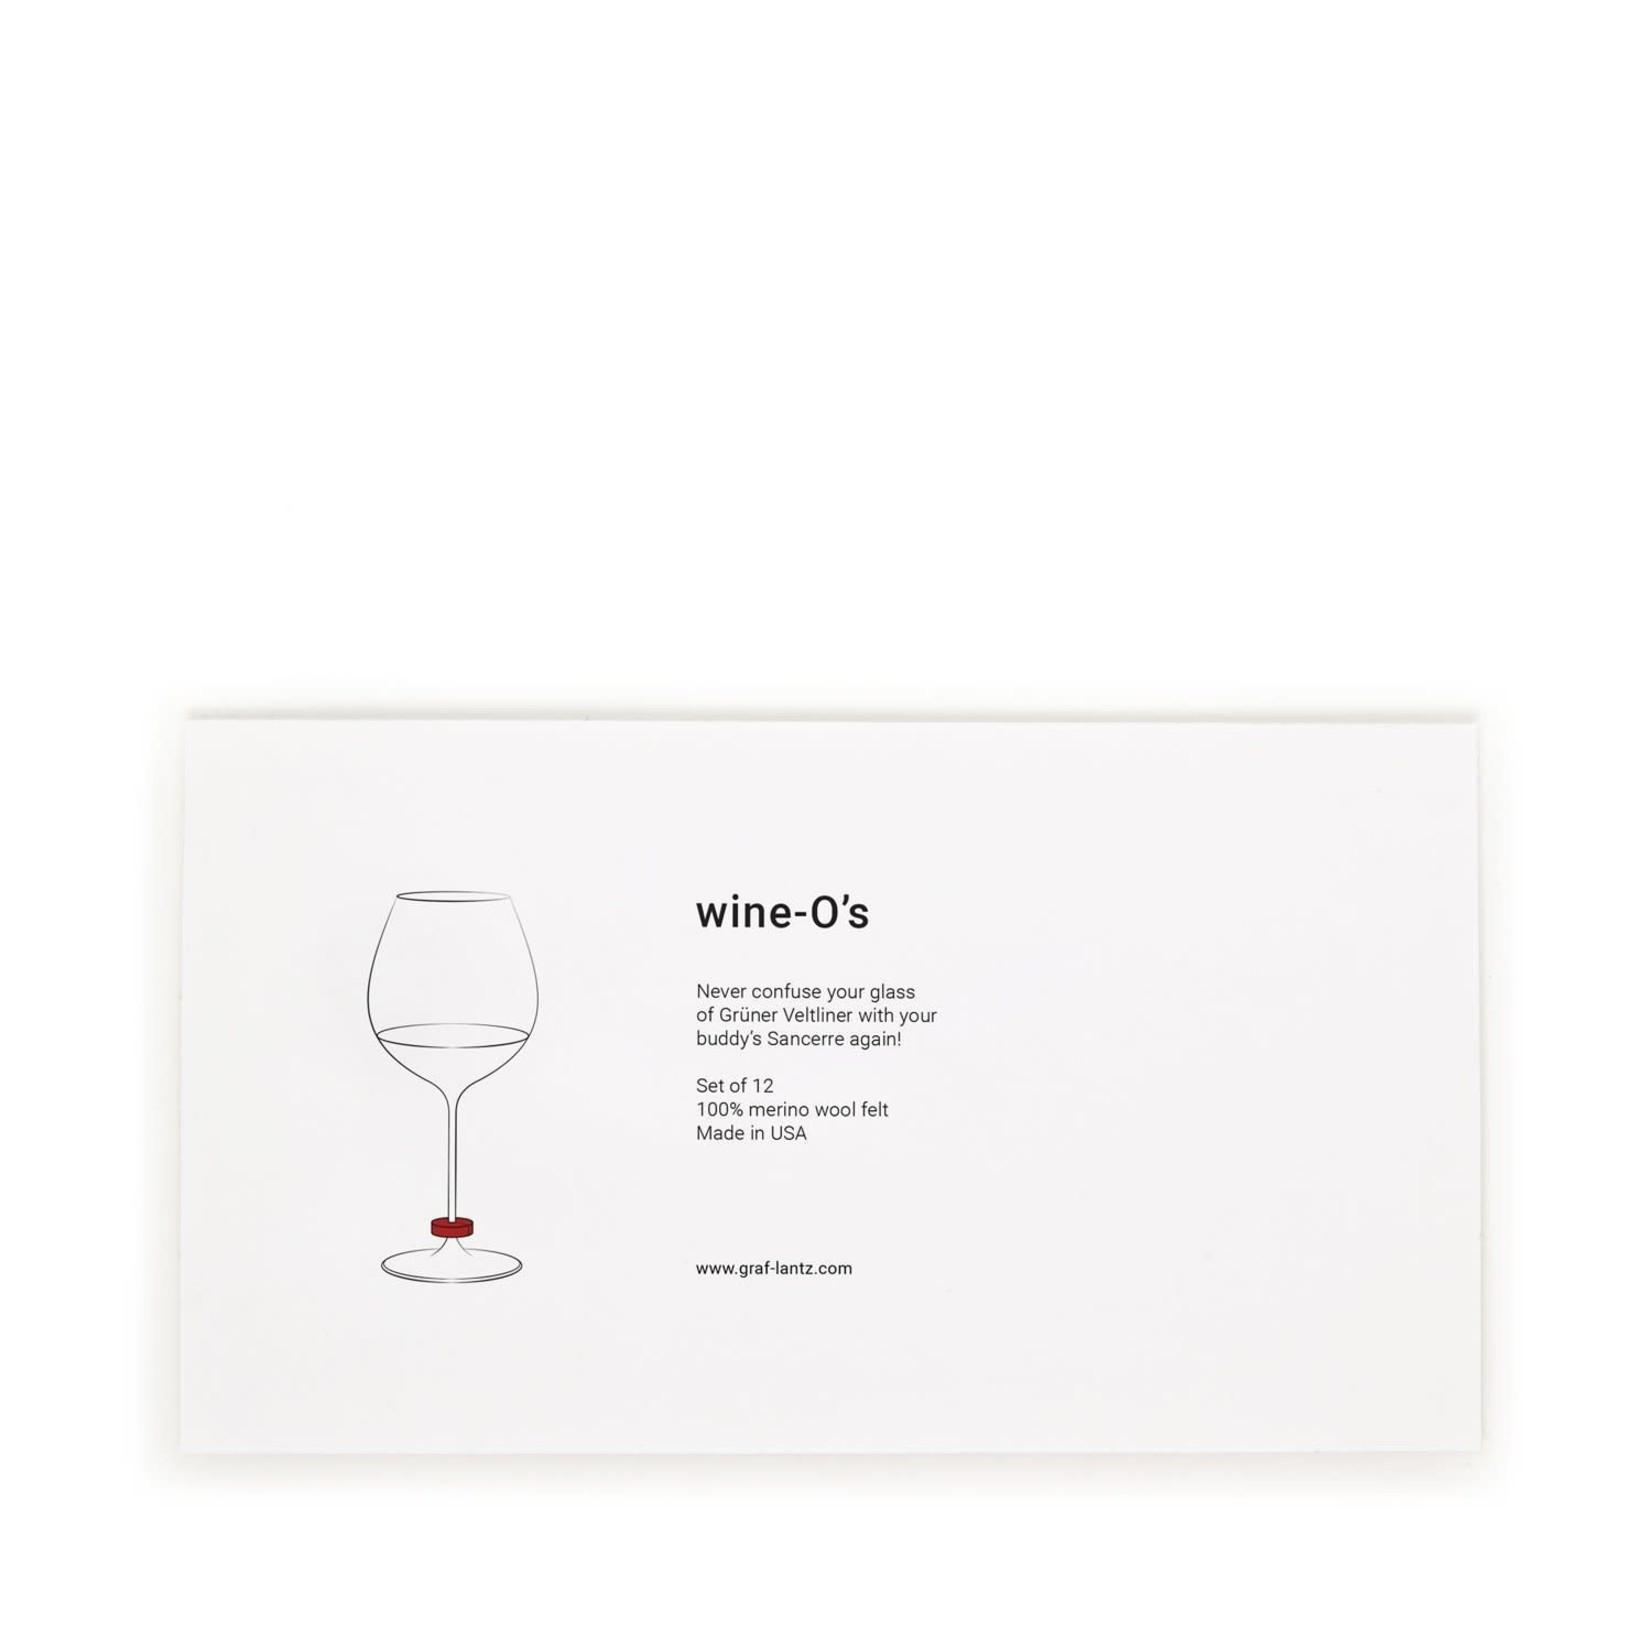 Graf & Lantz Graf & Lantz Wine-O's Mix 12pc Paradise